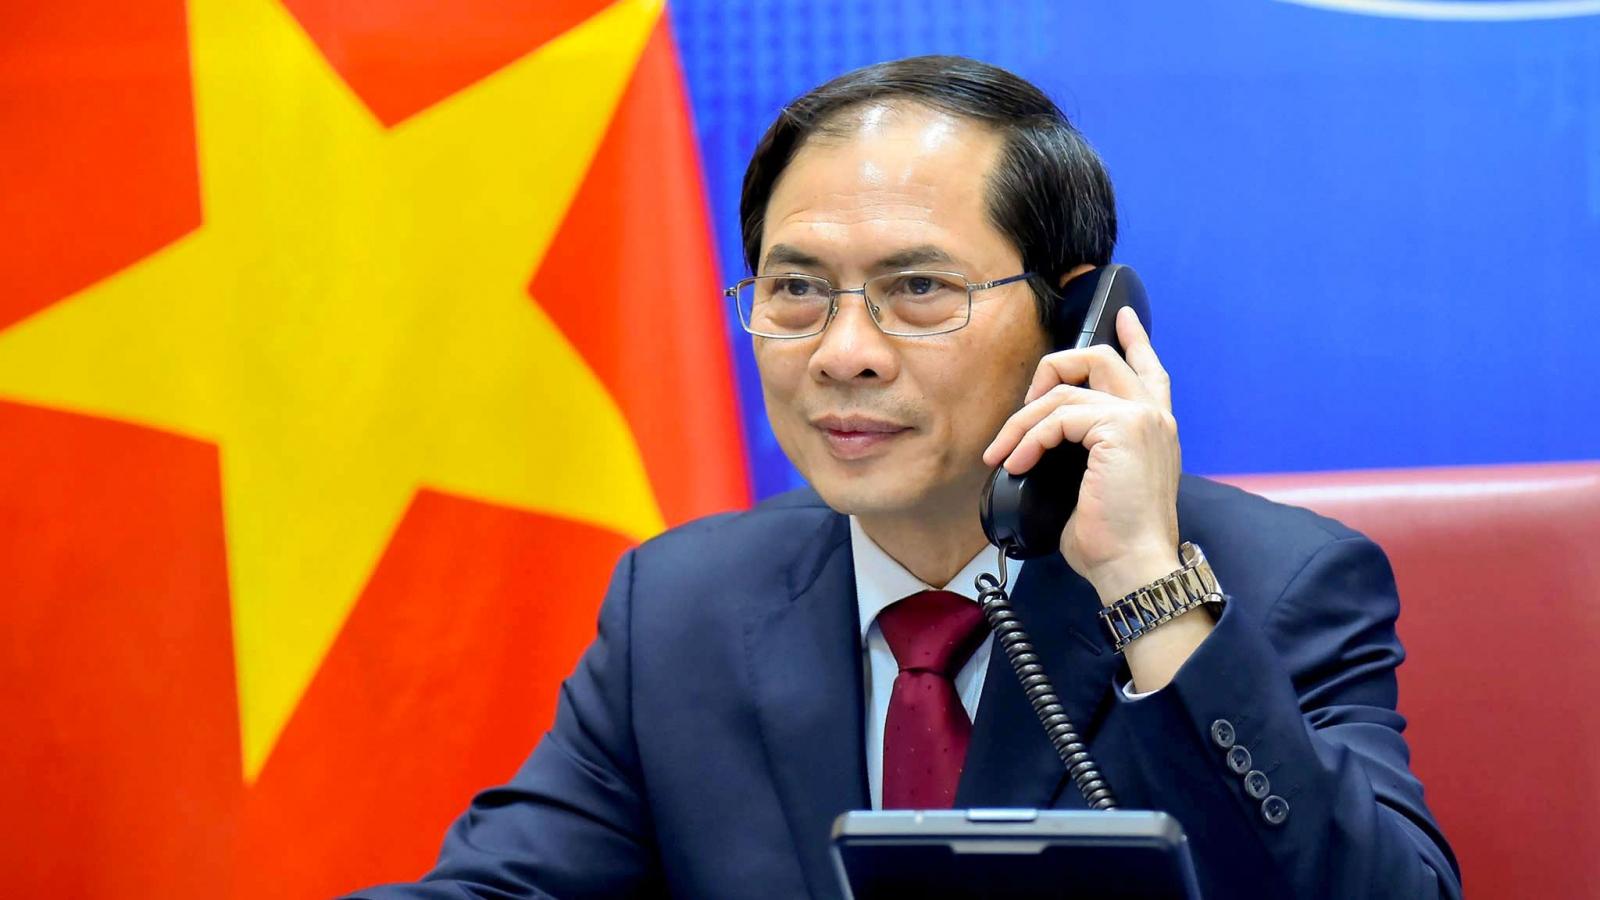 Bộ trưởng Bùi Thanh Sơn điện đàm với Ngoại trưởng Trung Quốc Vương Nghị